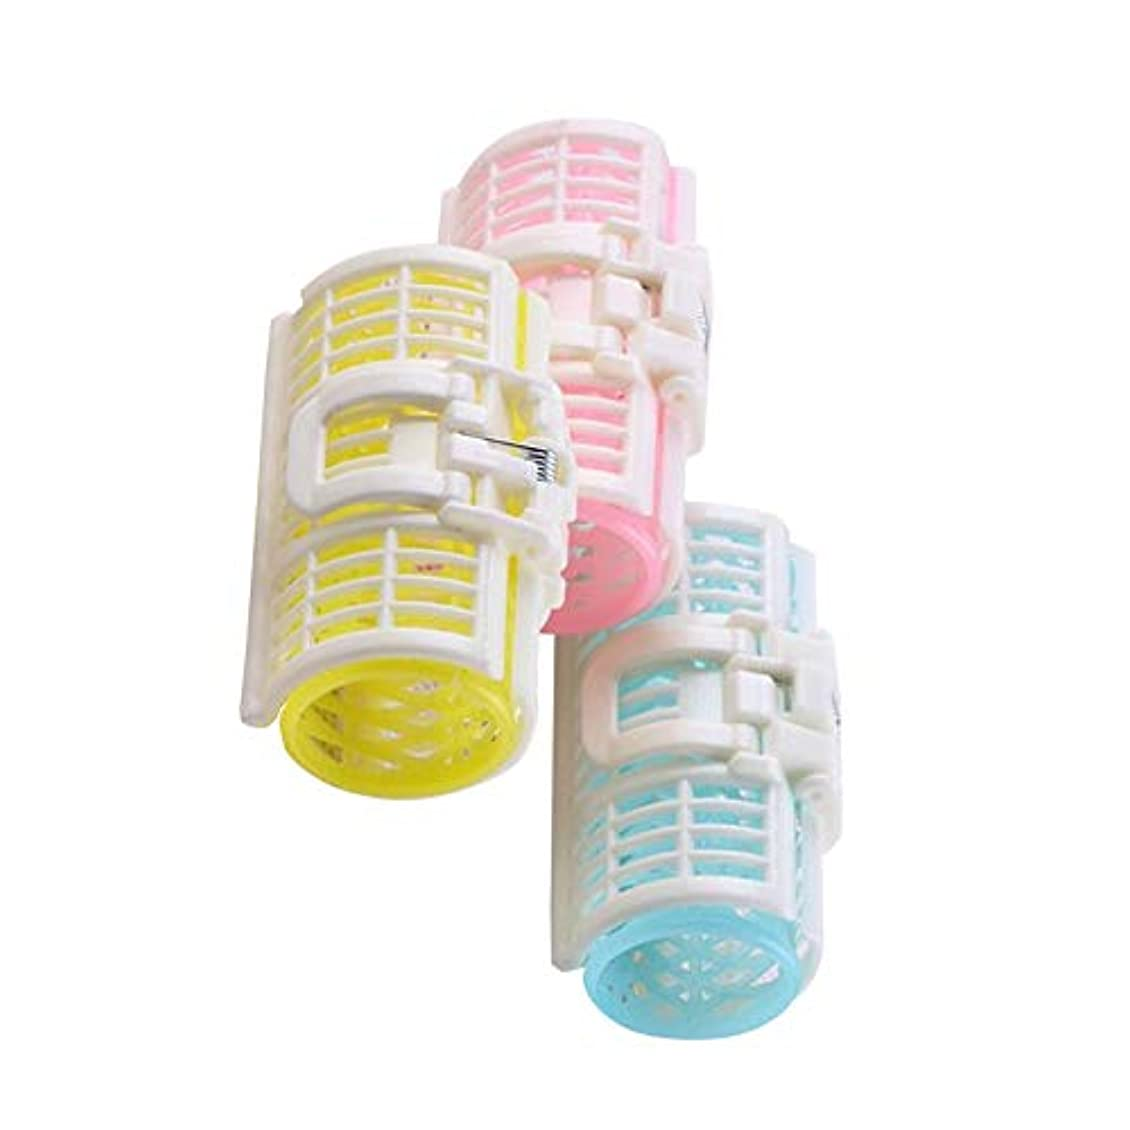 ボア法的正確3つの大きな爆発ツールのヘアケア製品の耐久性のあるプラスチック製のヘアカーラーヘアクリップ